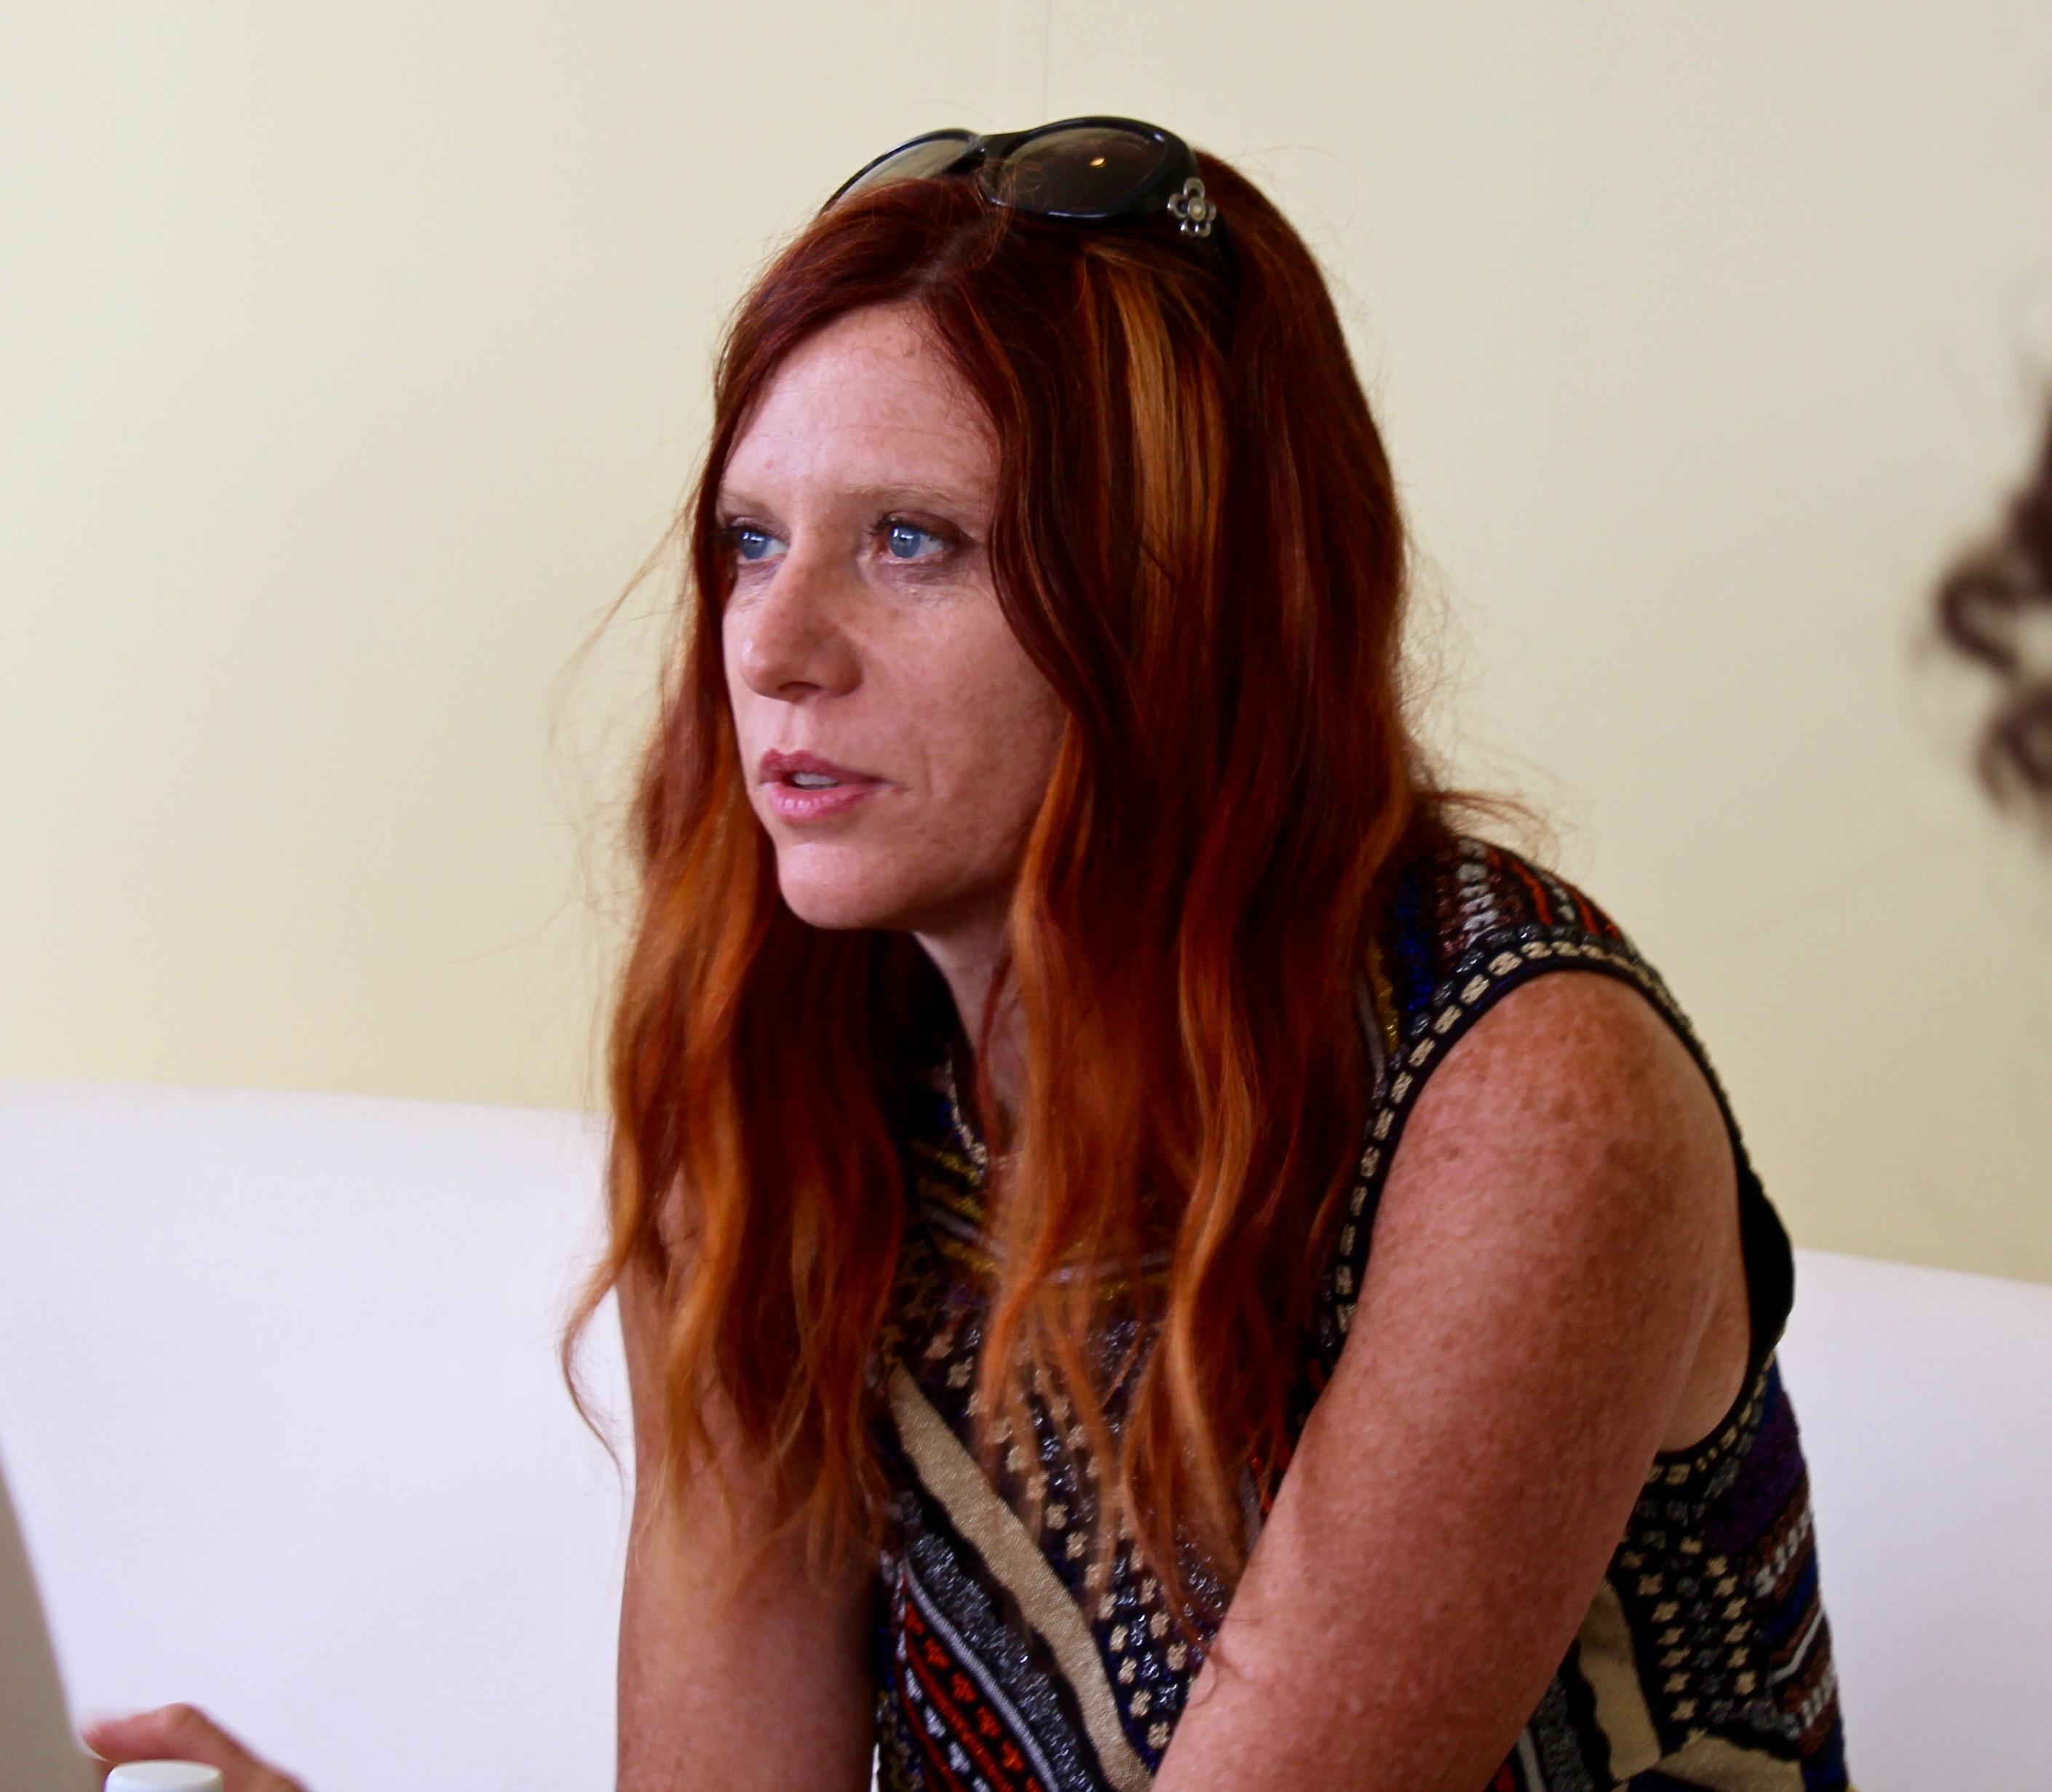 Susanna Nicchiarelli - Wikipedia